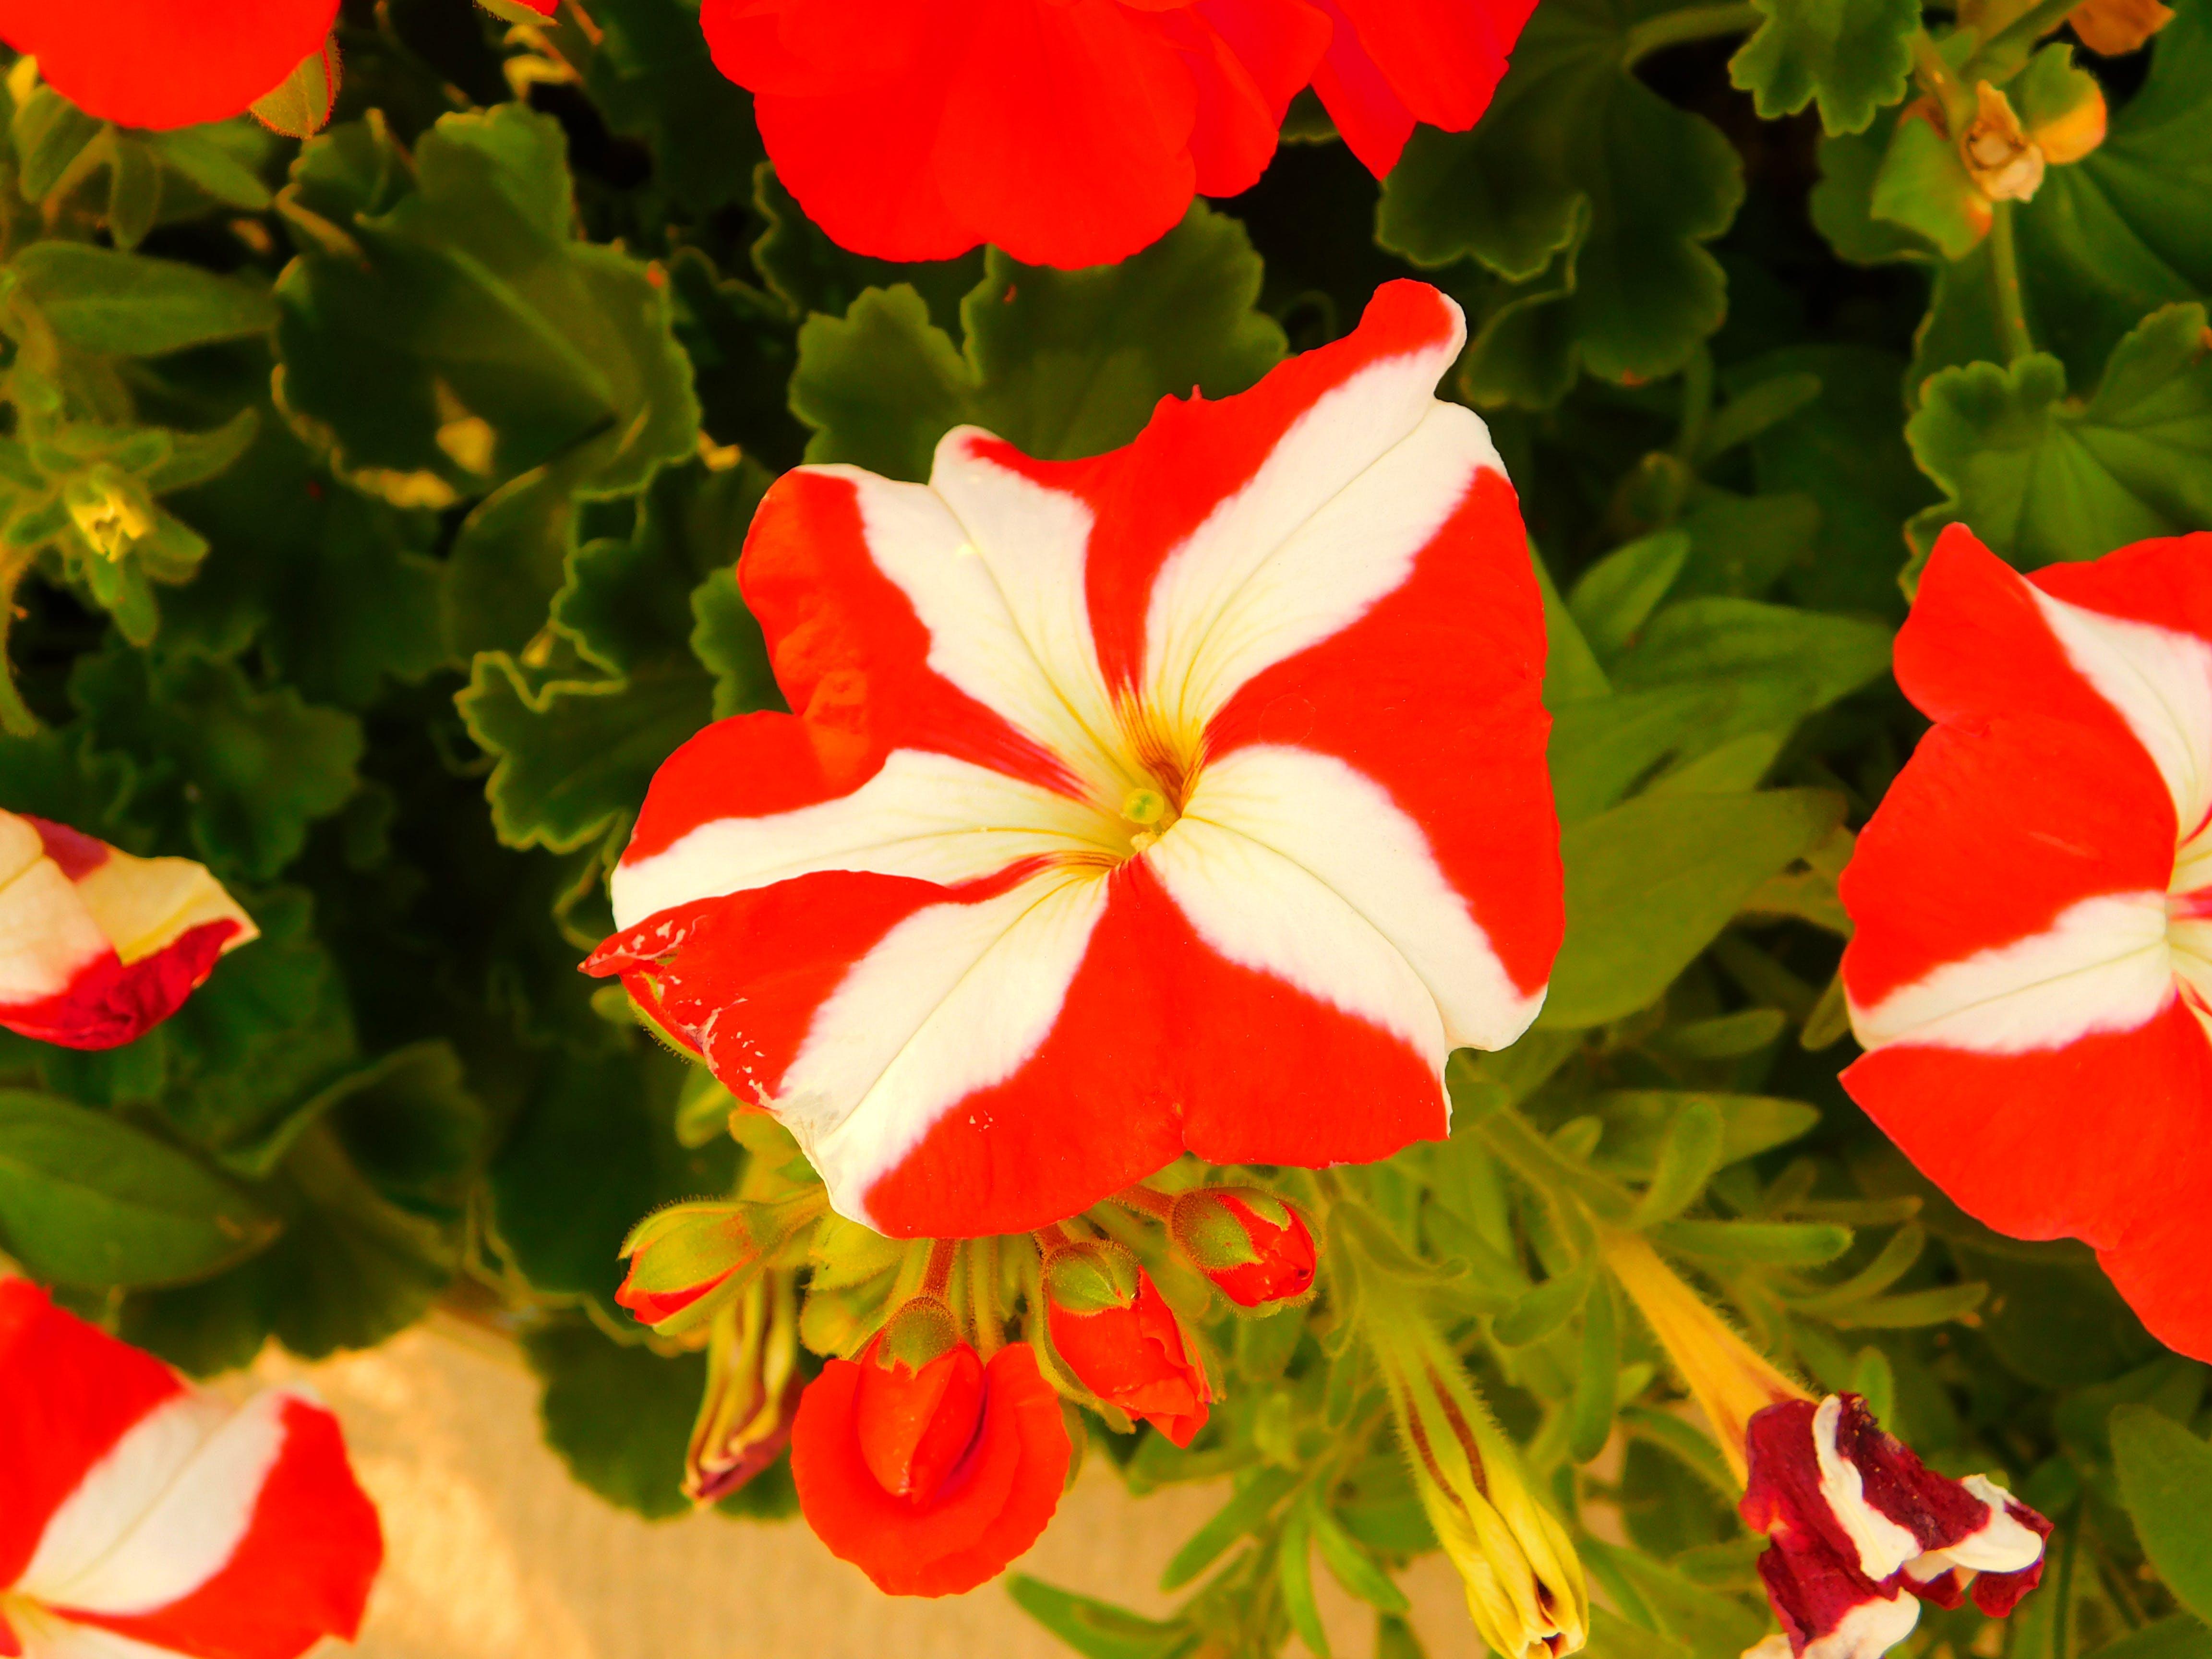 hvide striber på rød blomst